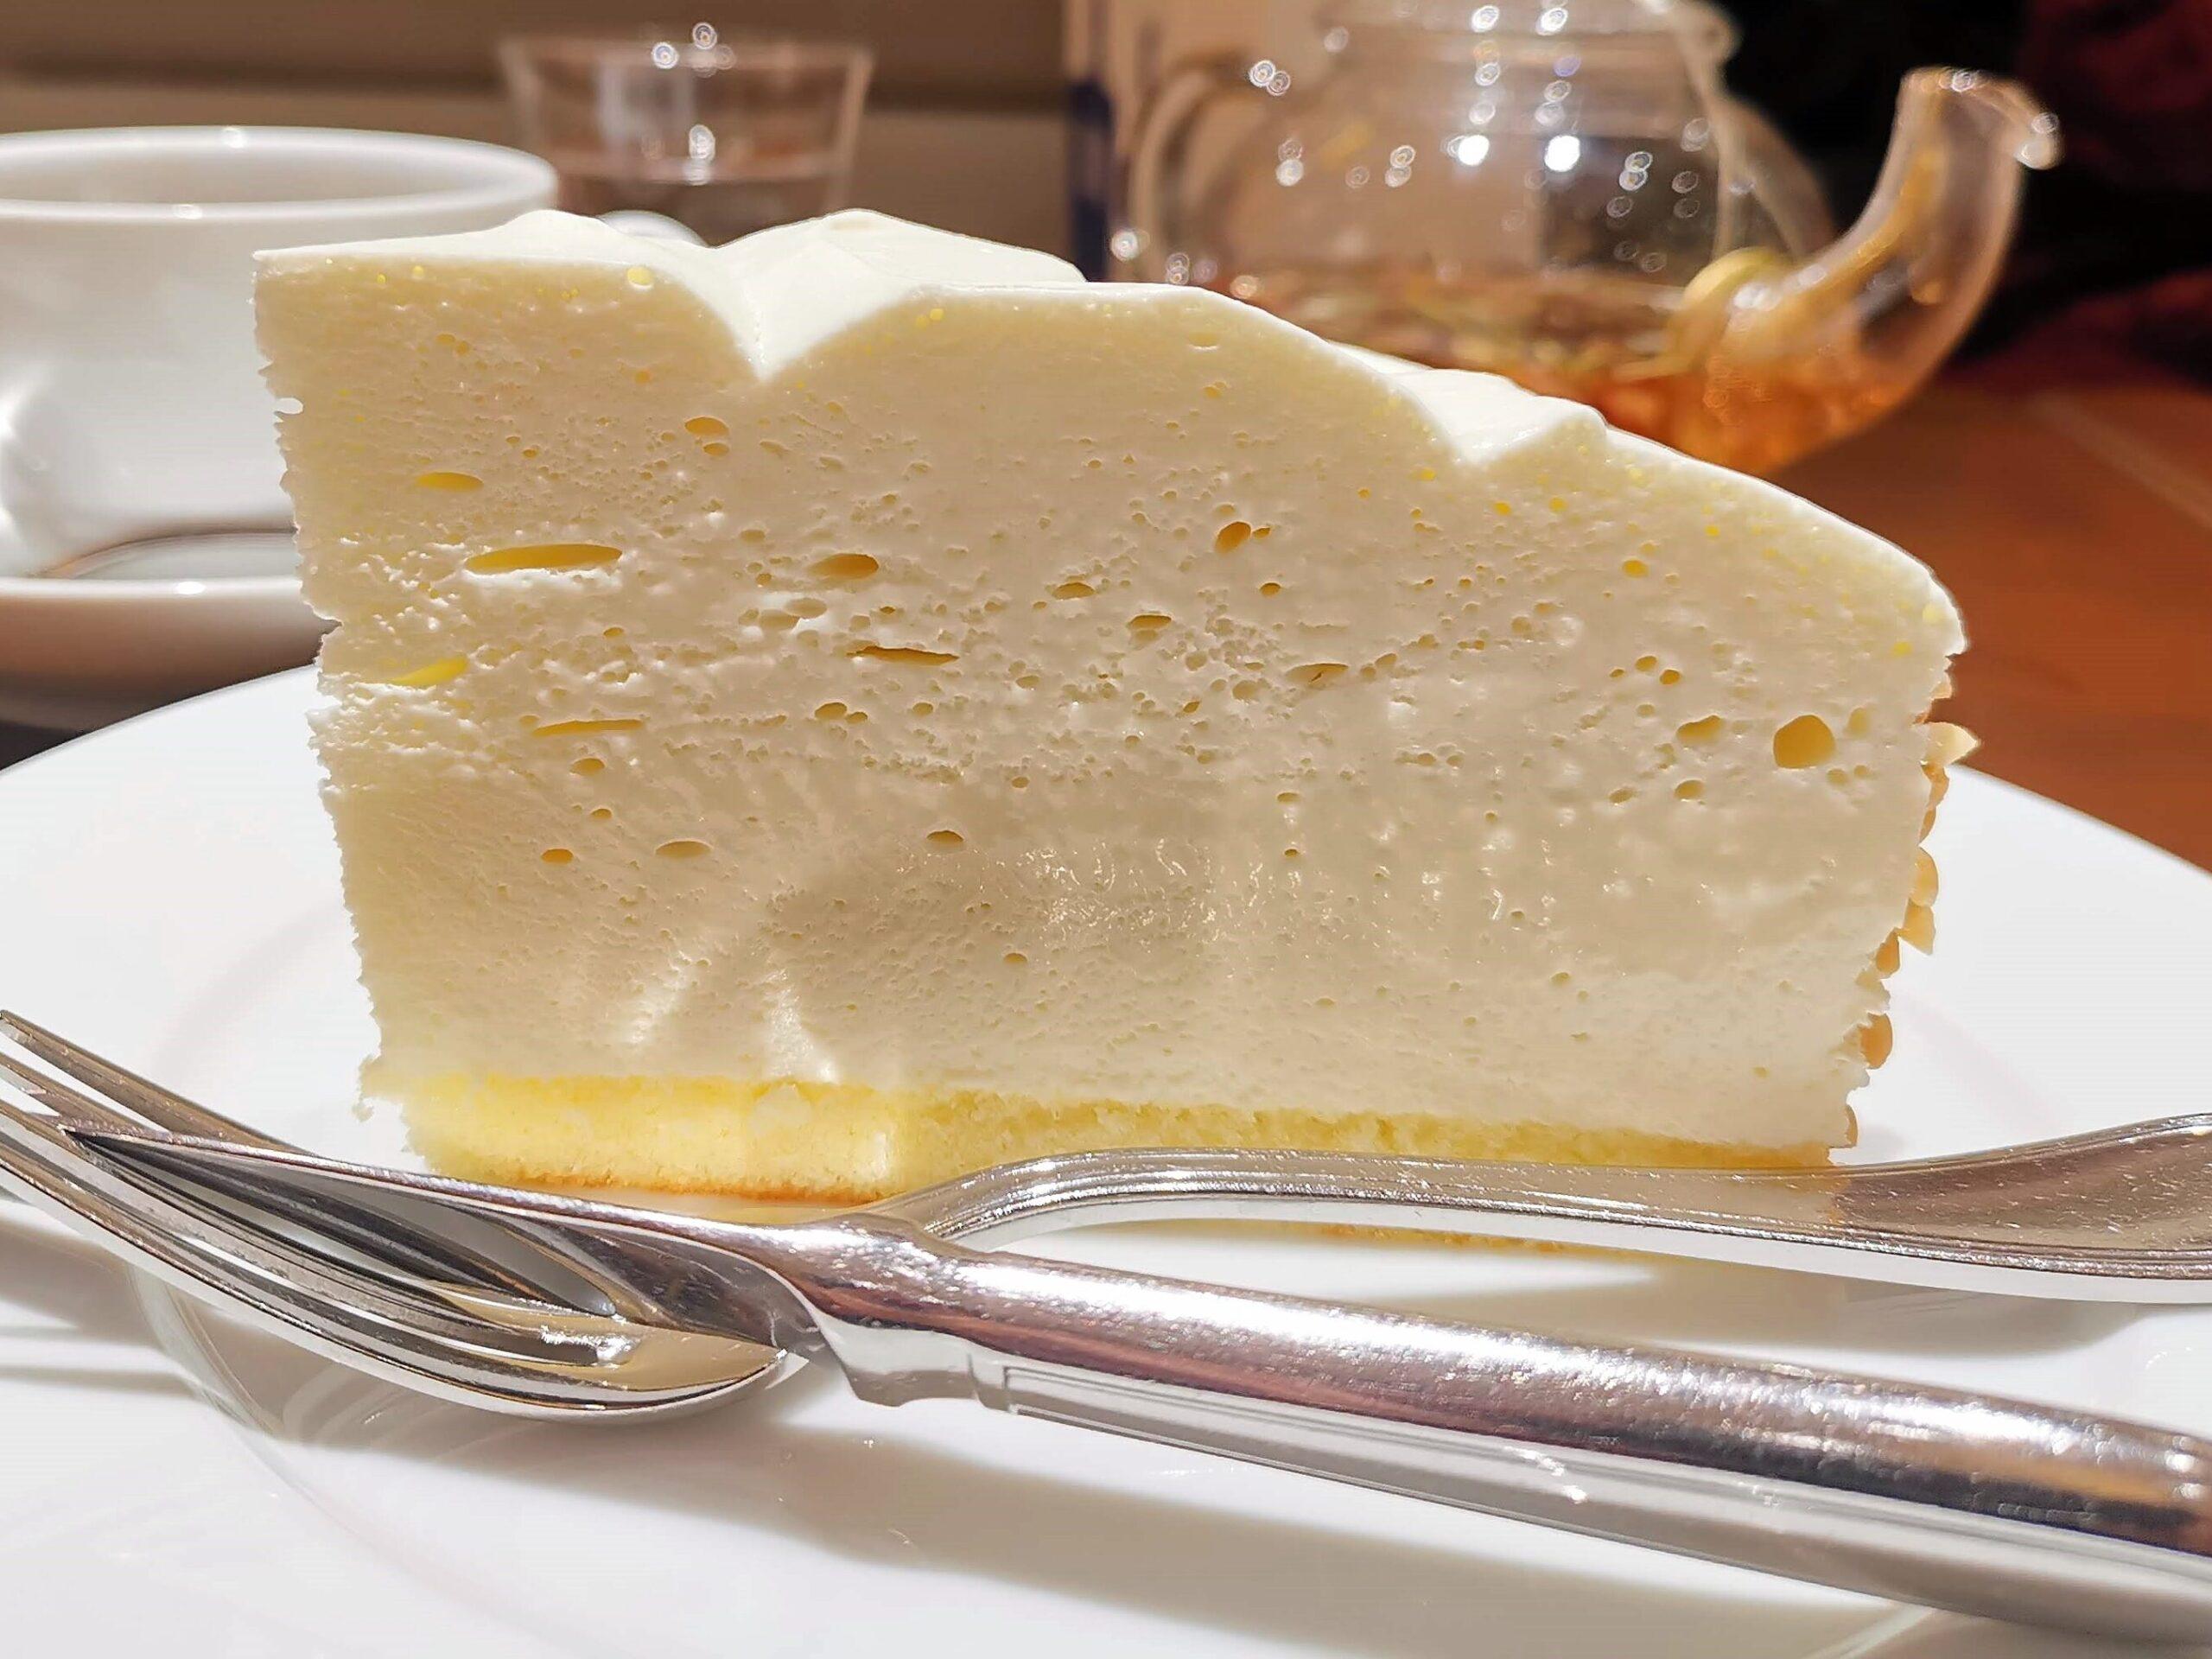 ハーブス(HARBS)のレアチーズケーキの写真 (9)_R